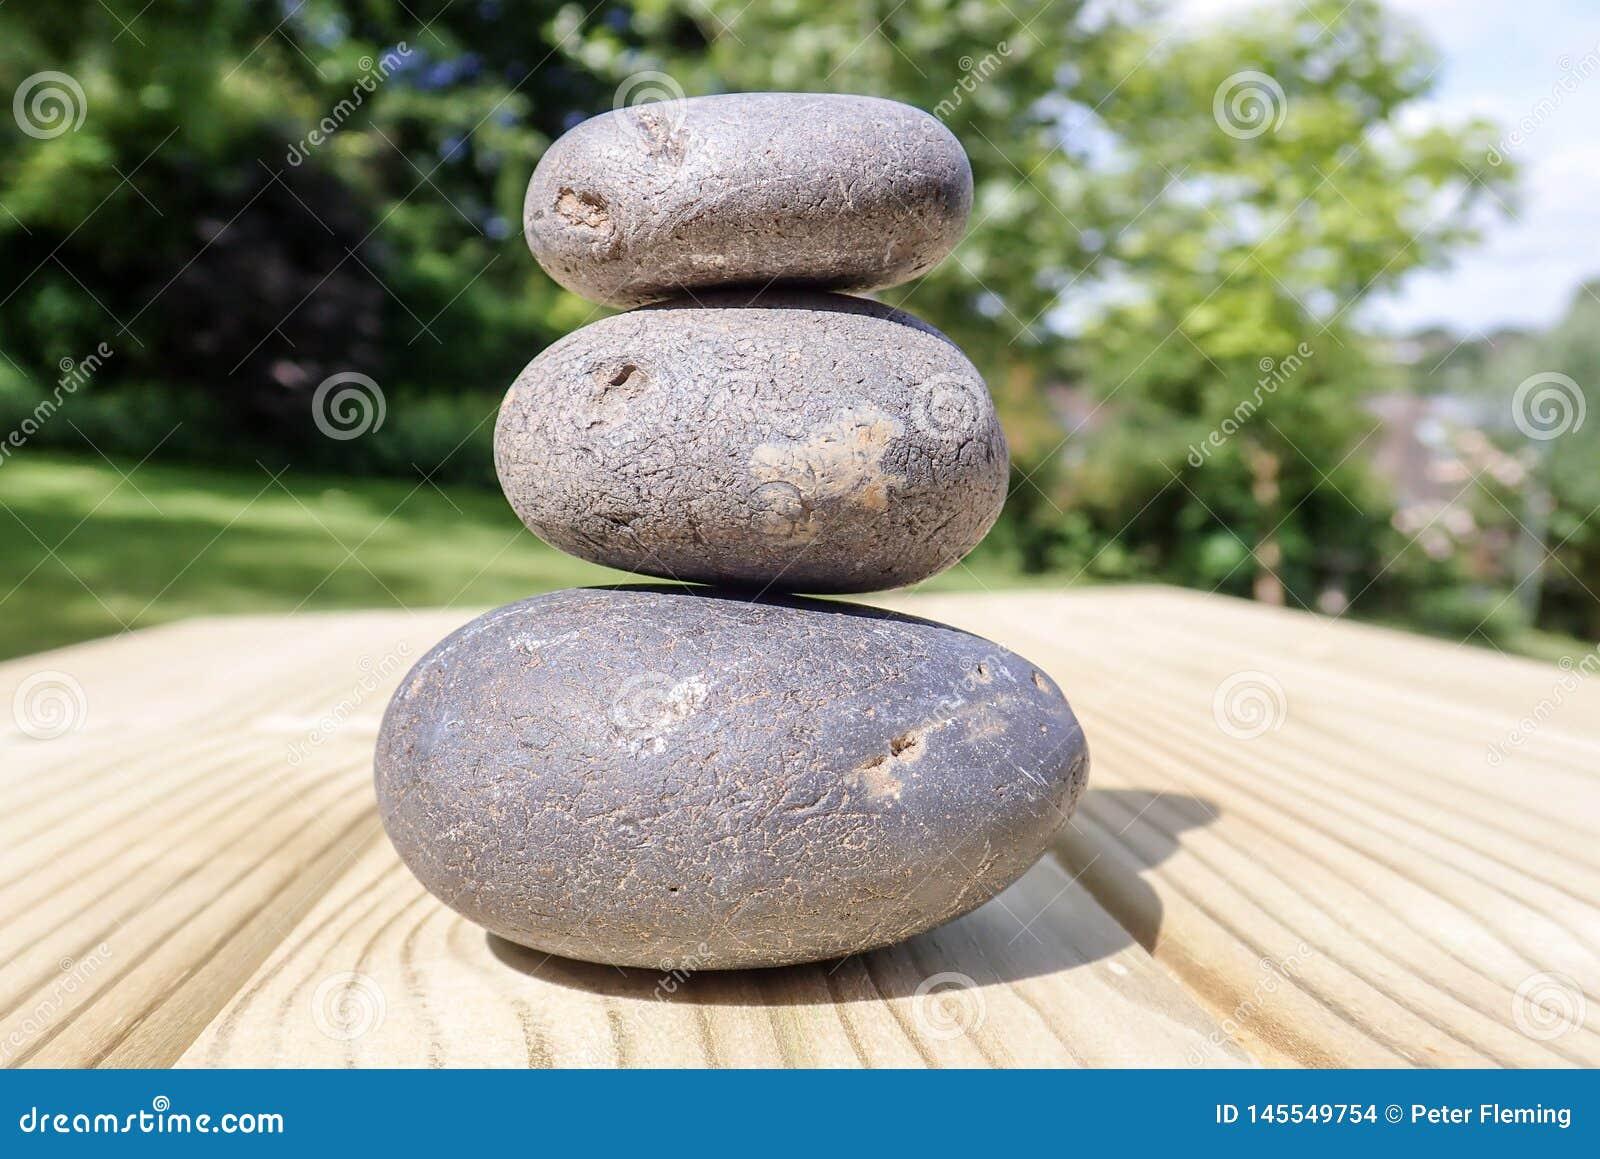 Tres piedras llenadas en superficie de madera de pino